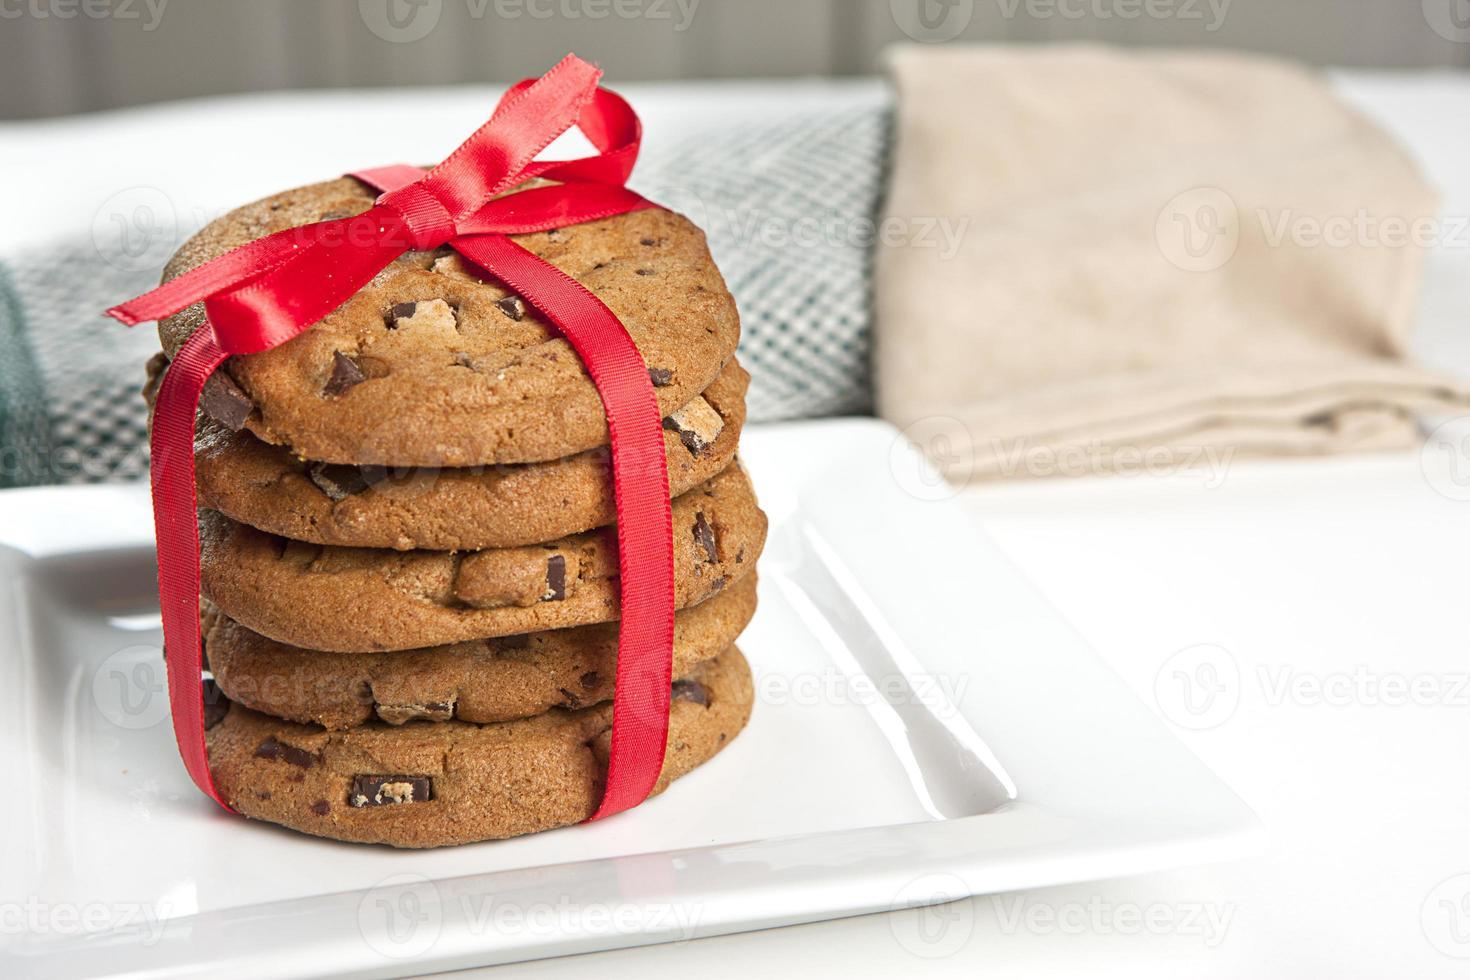 stapel koekjes. foto